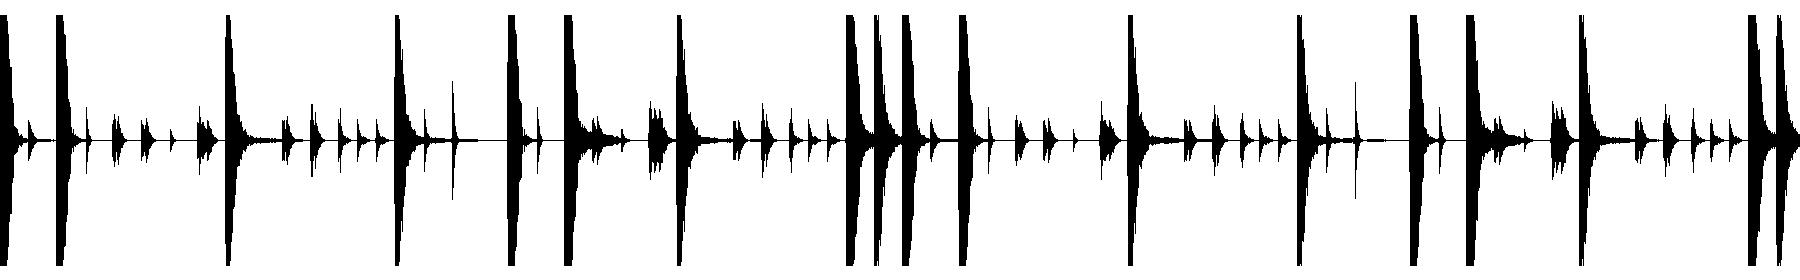 drum 170bpm